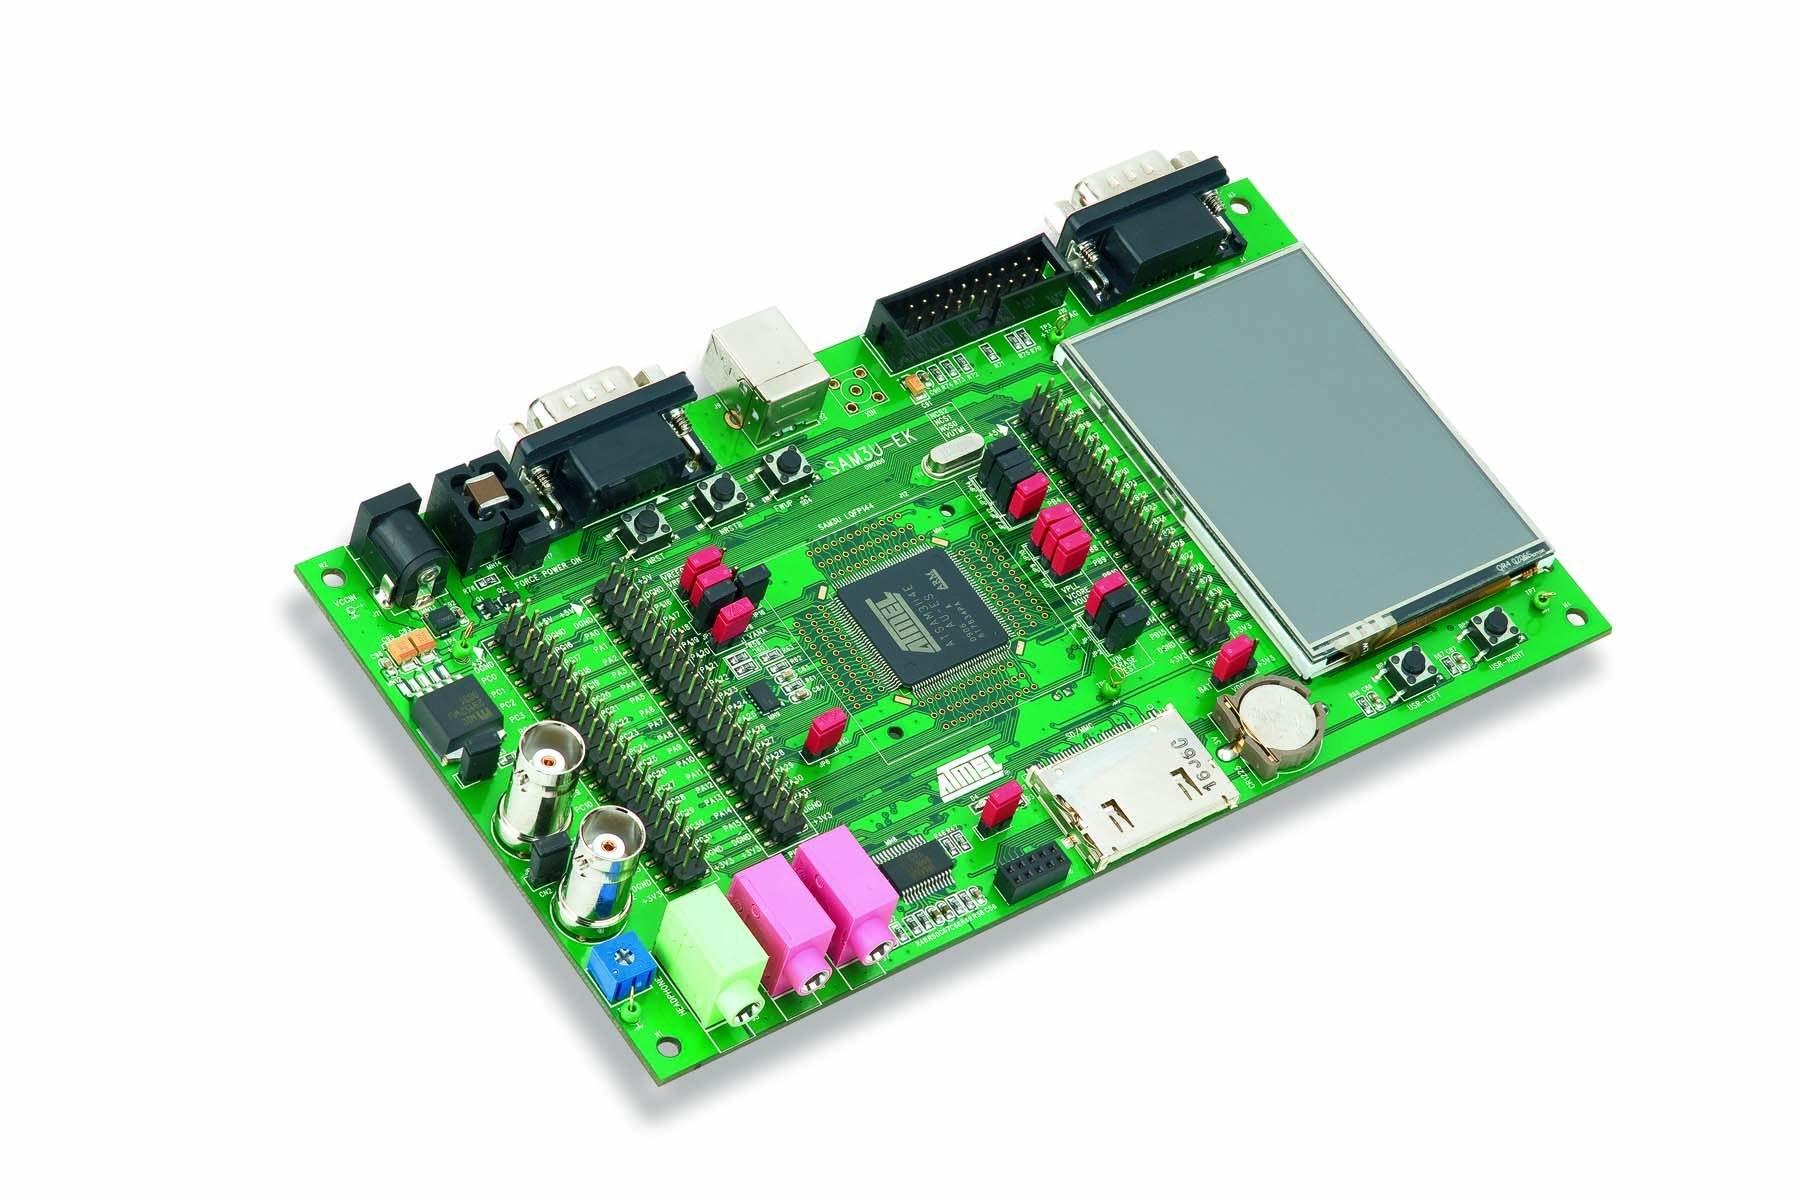 它是作为专用集成电路(asic)领域中的一种半定制电路而出现的,既解决